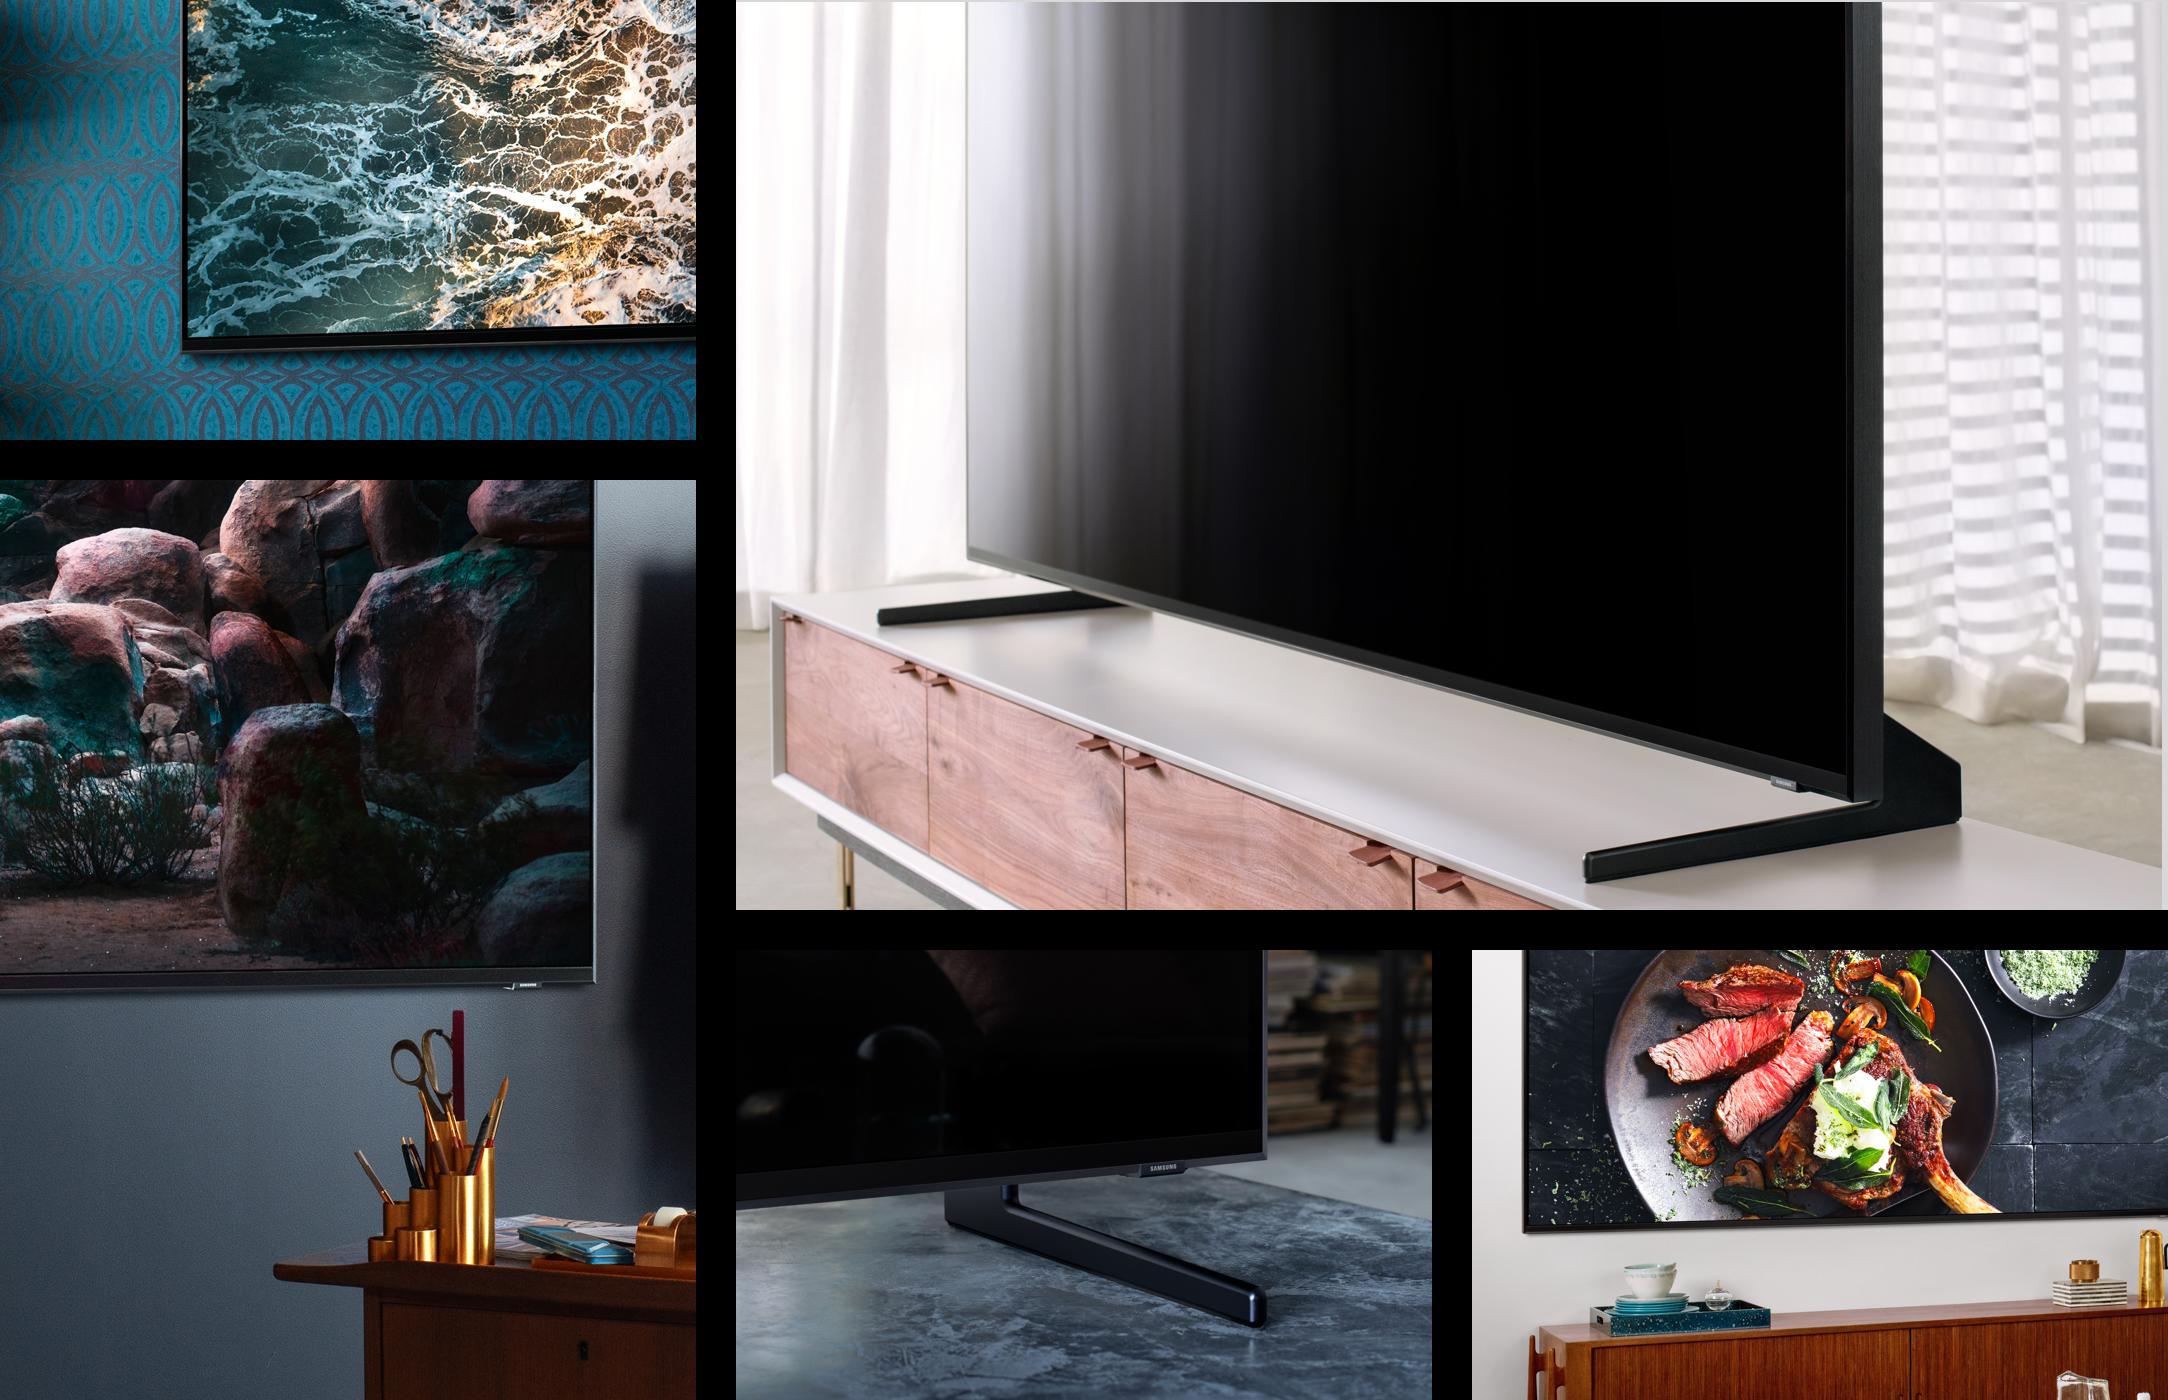 Qled 8k Tv Introducing 8k Resolution Tv Samsung Us Samsung Galaxy Wallpaper Tv New Samsung